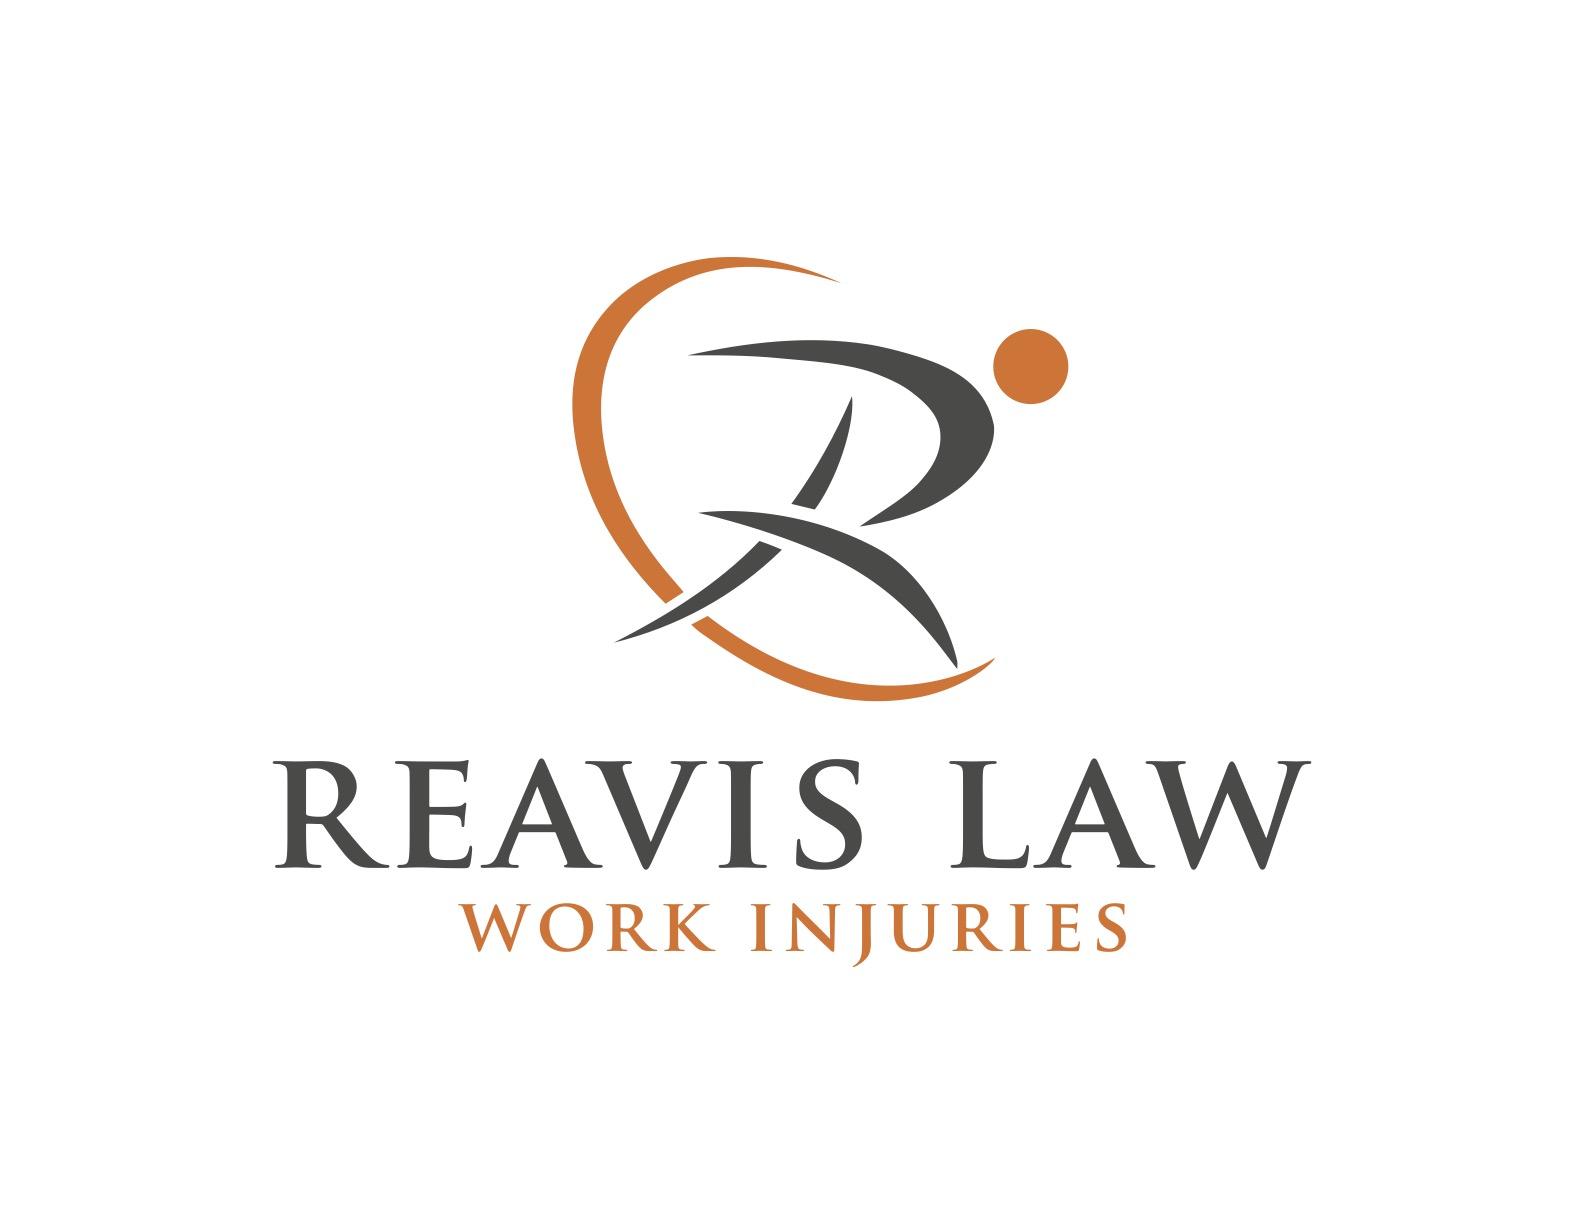 REAVIS LAW